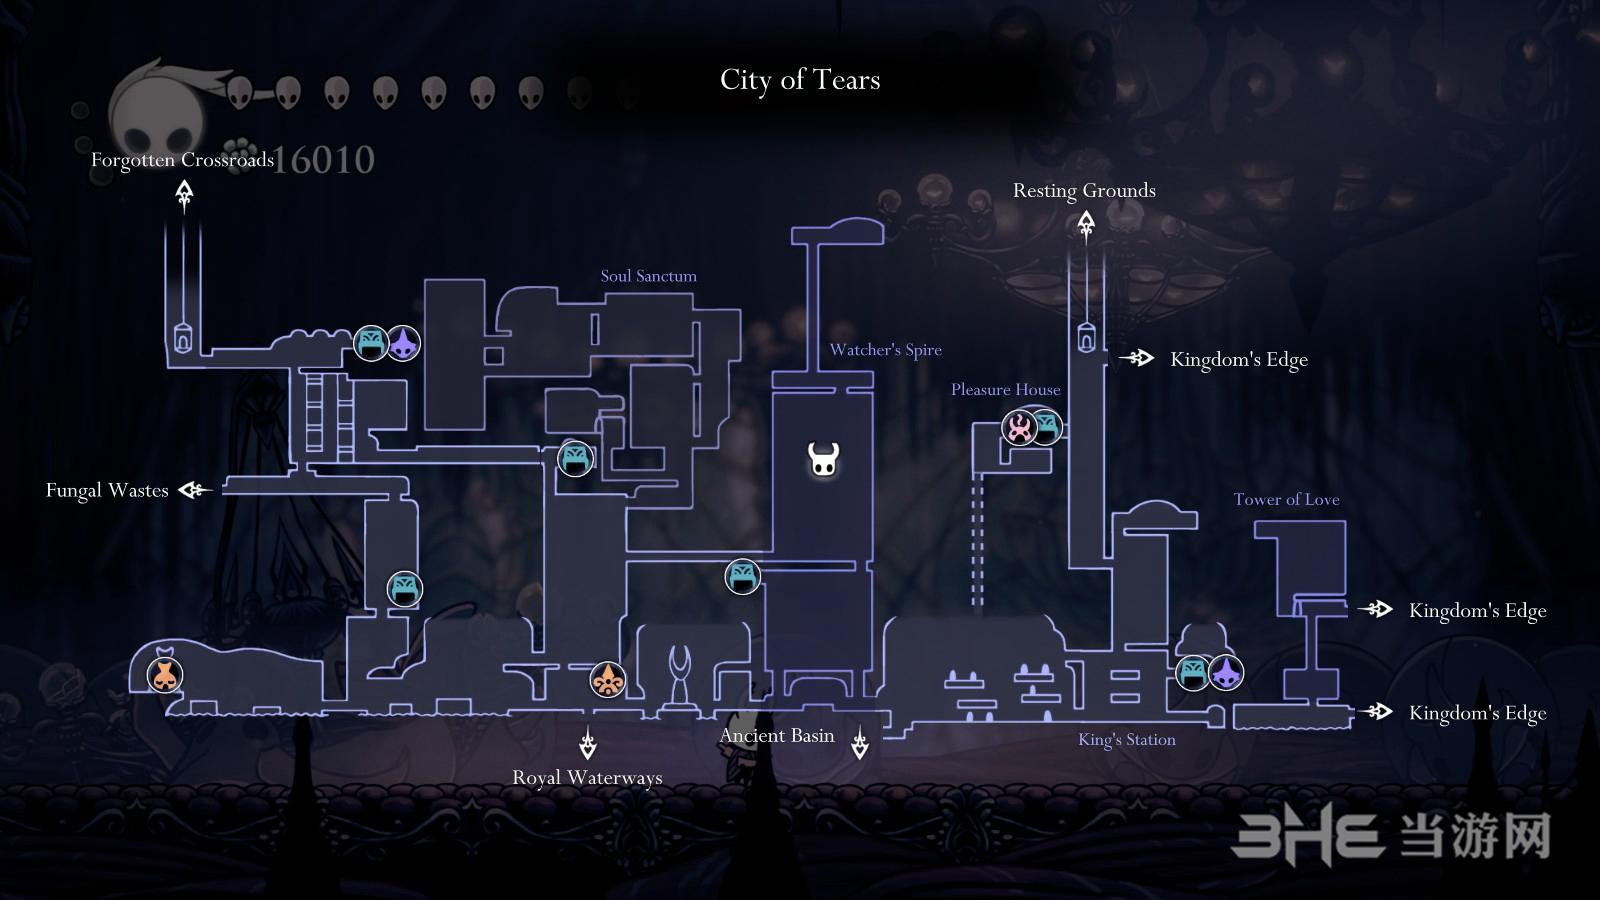 空洞骑士地图